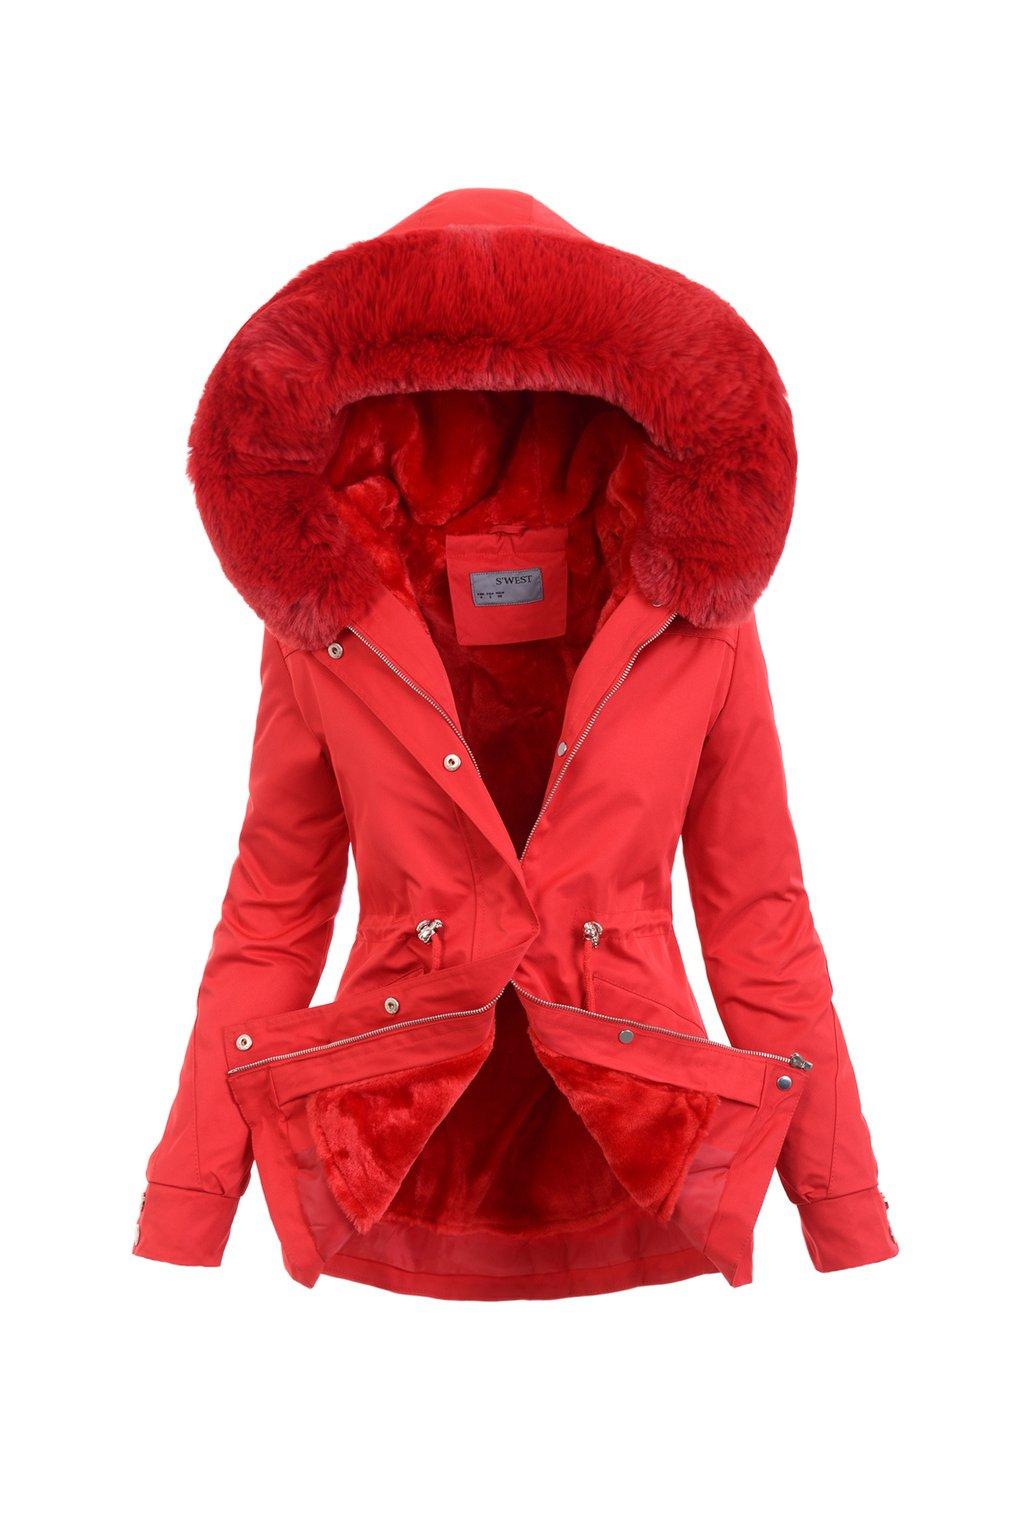 Dámska zimná bunda parka 2v1 6103 červená